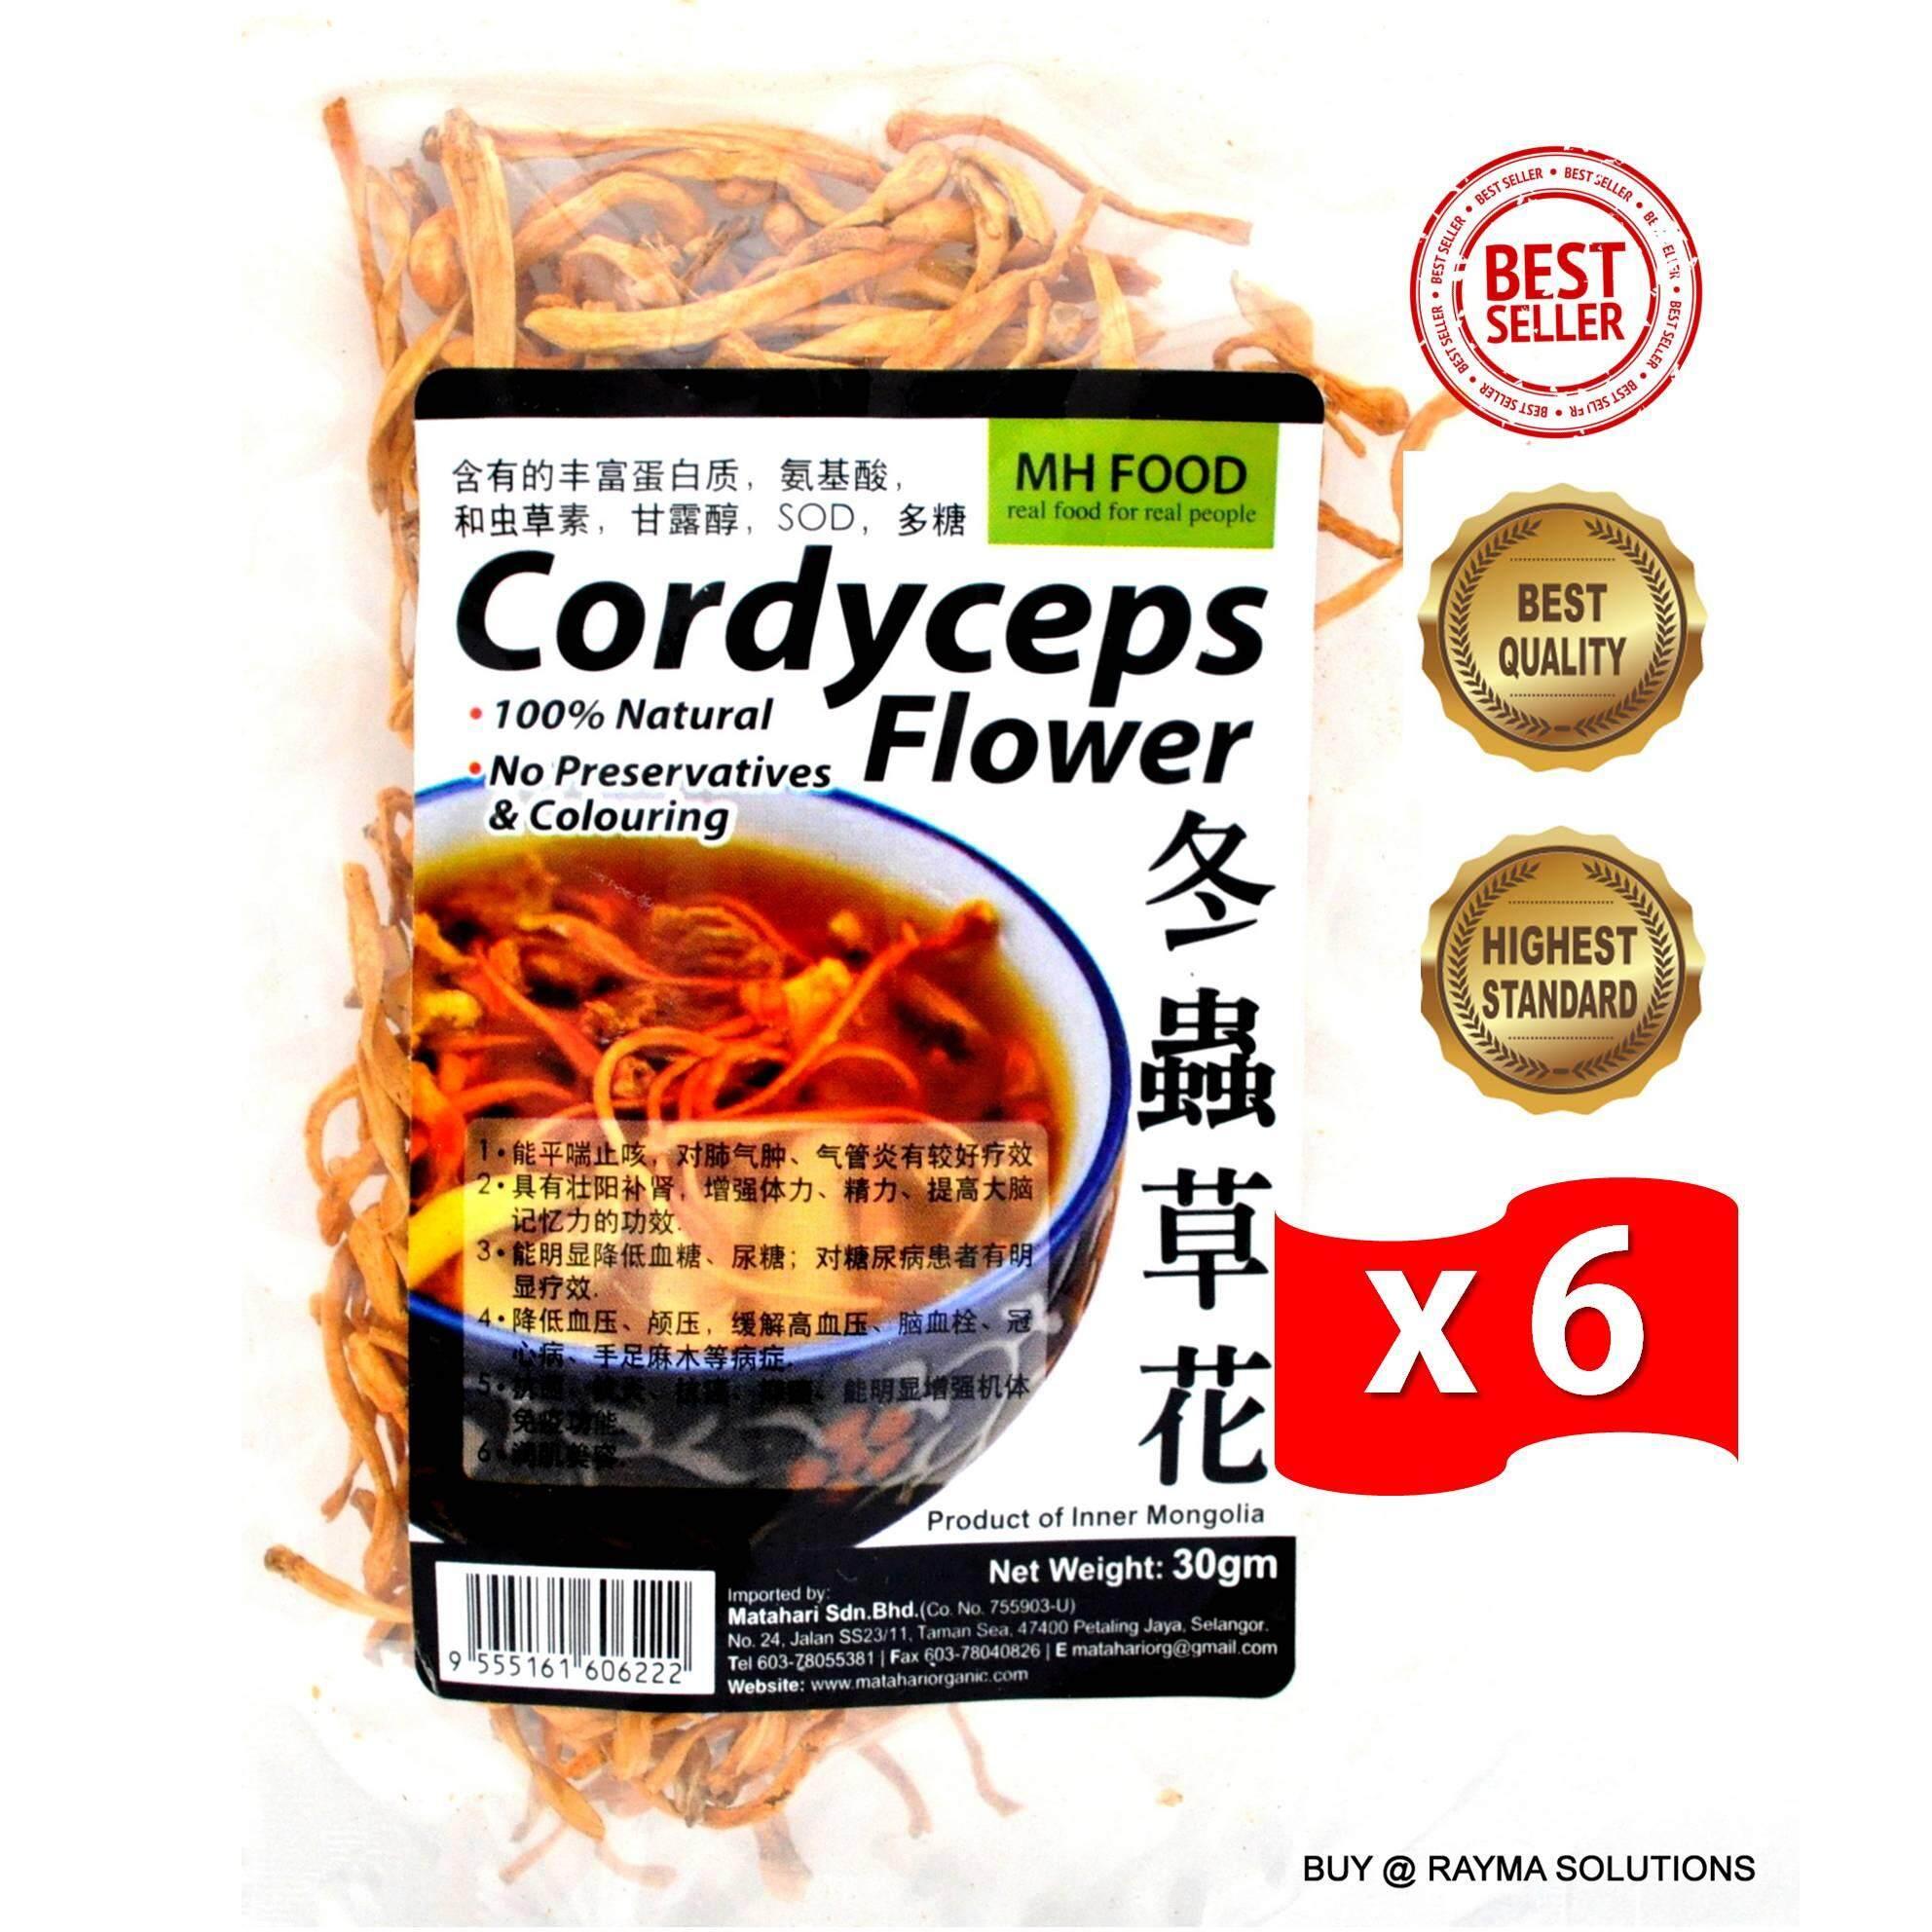 [ Best Deal ] MH FOOD 100% Natural Cordyceps Flower 30g (6 Packs)